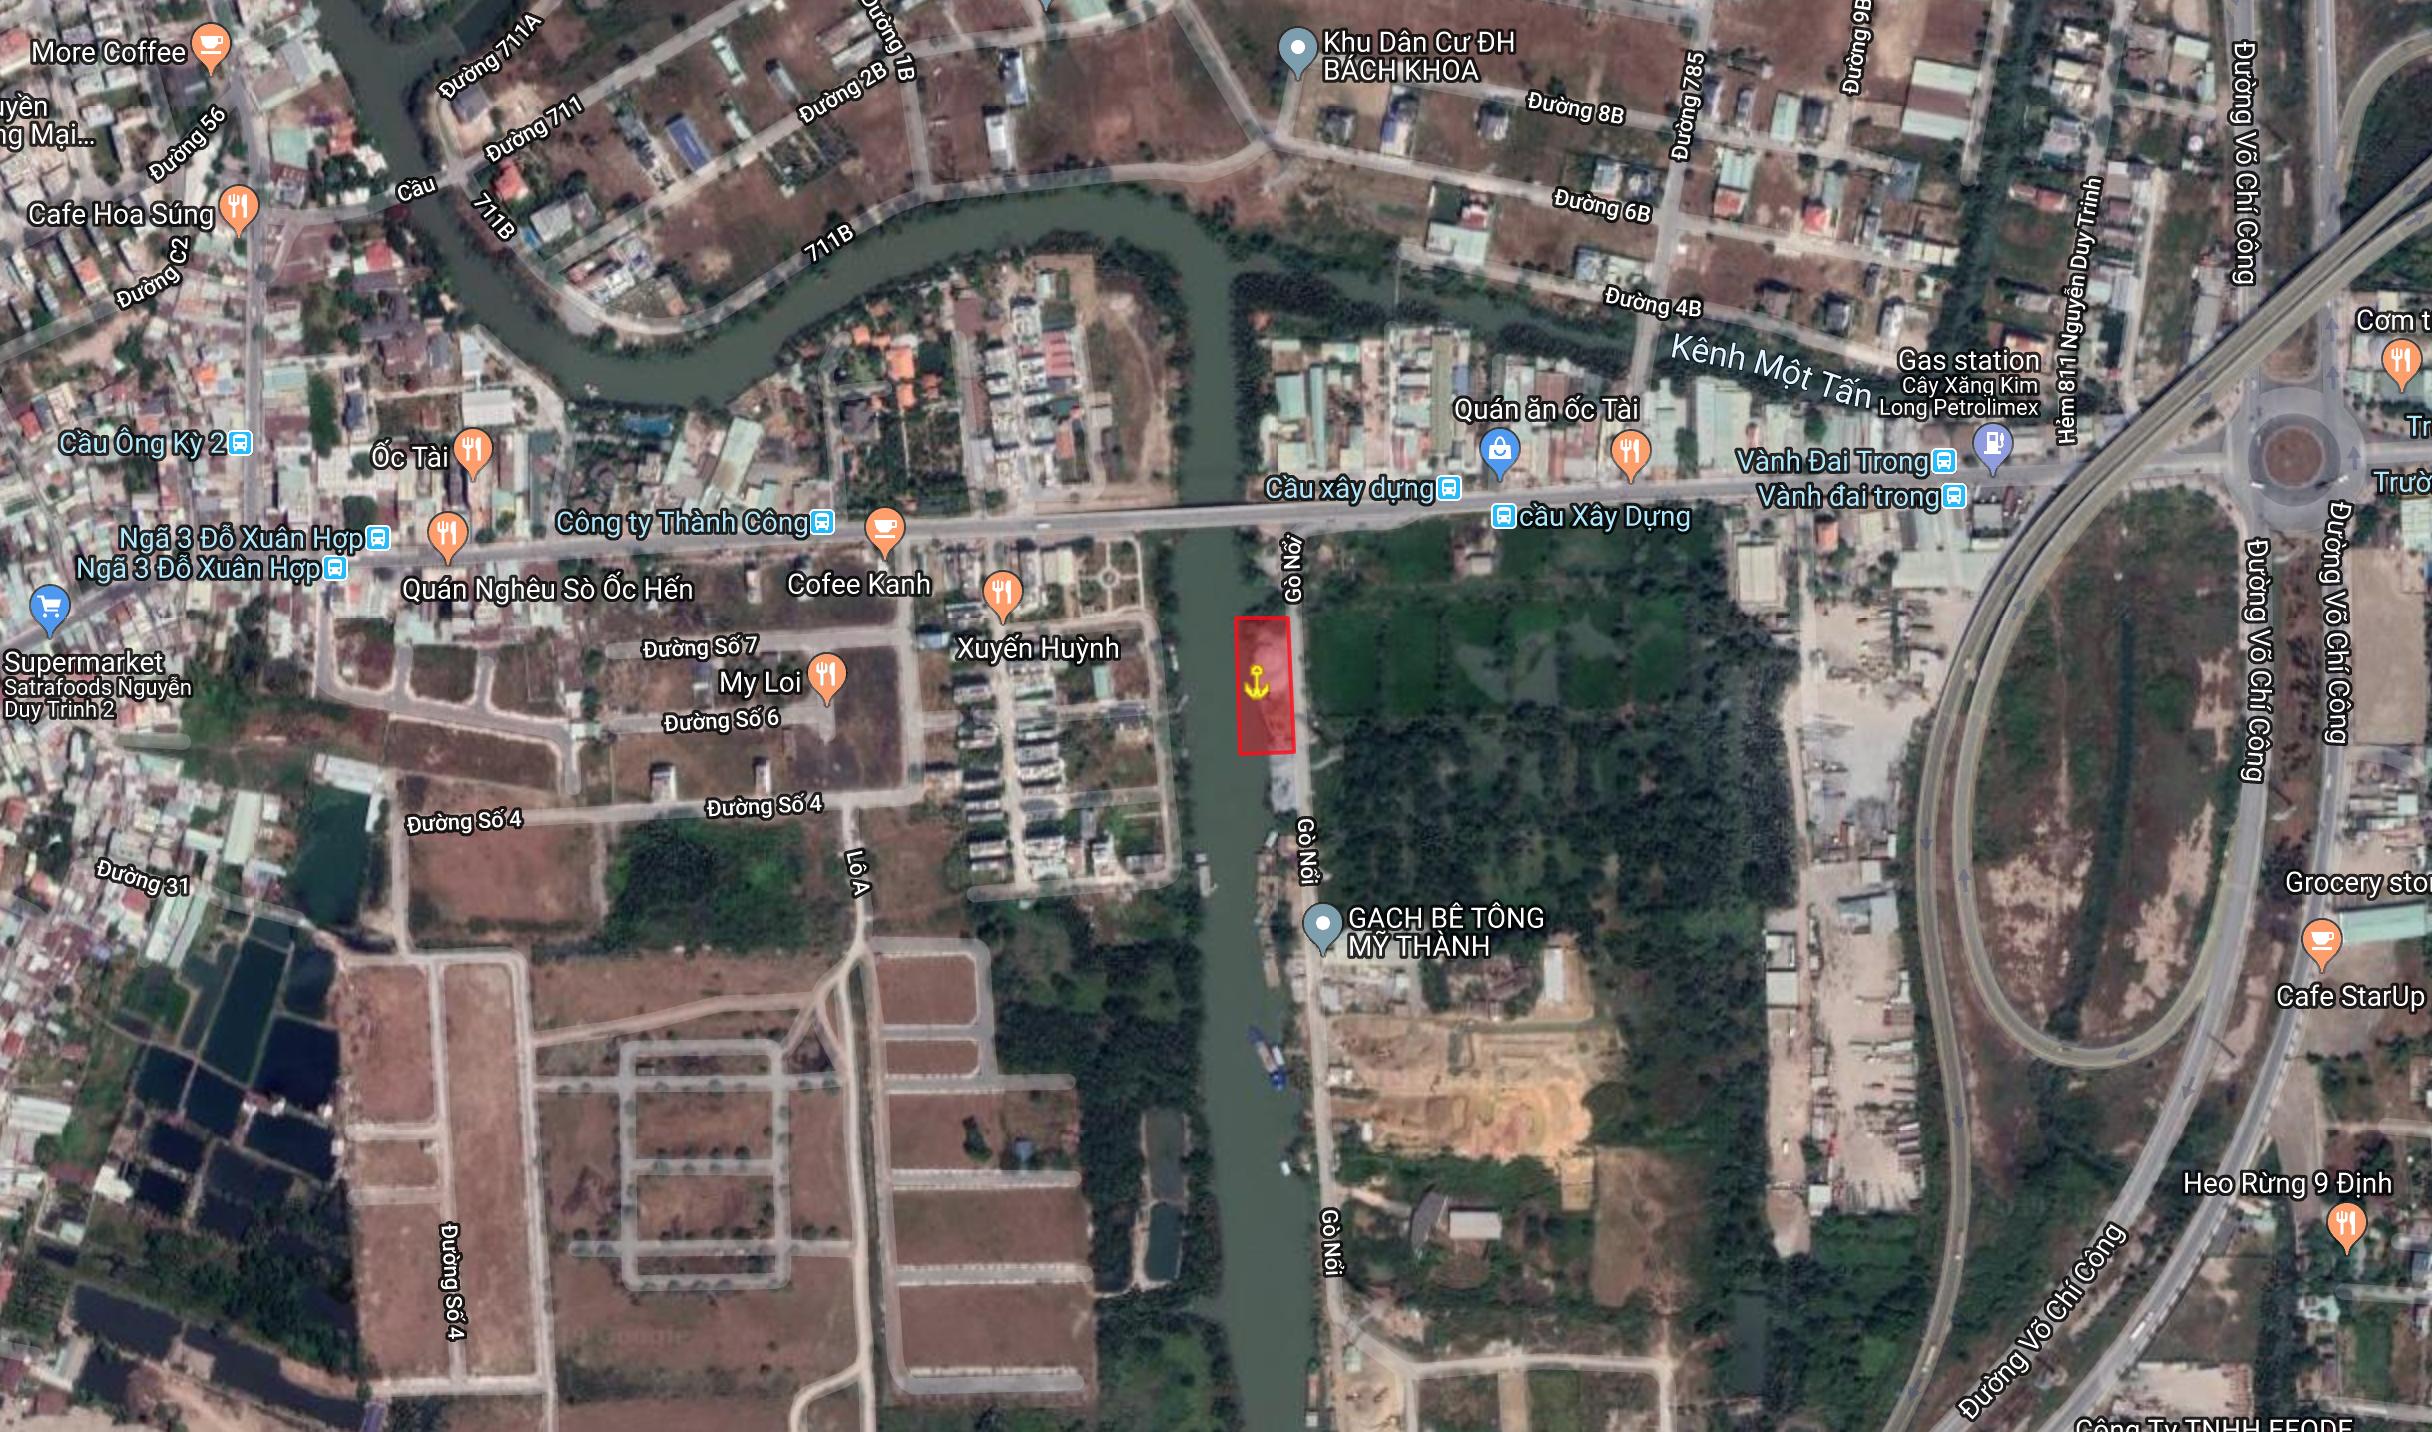 HCM | Cảng T.C.T 01 Phường Phú Hữu,Quận 9,Tp.HCM | Bán cảng đường thuỷ | Cảng thuỷ nội địa